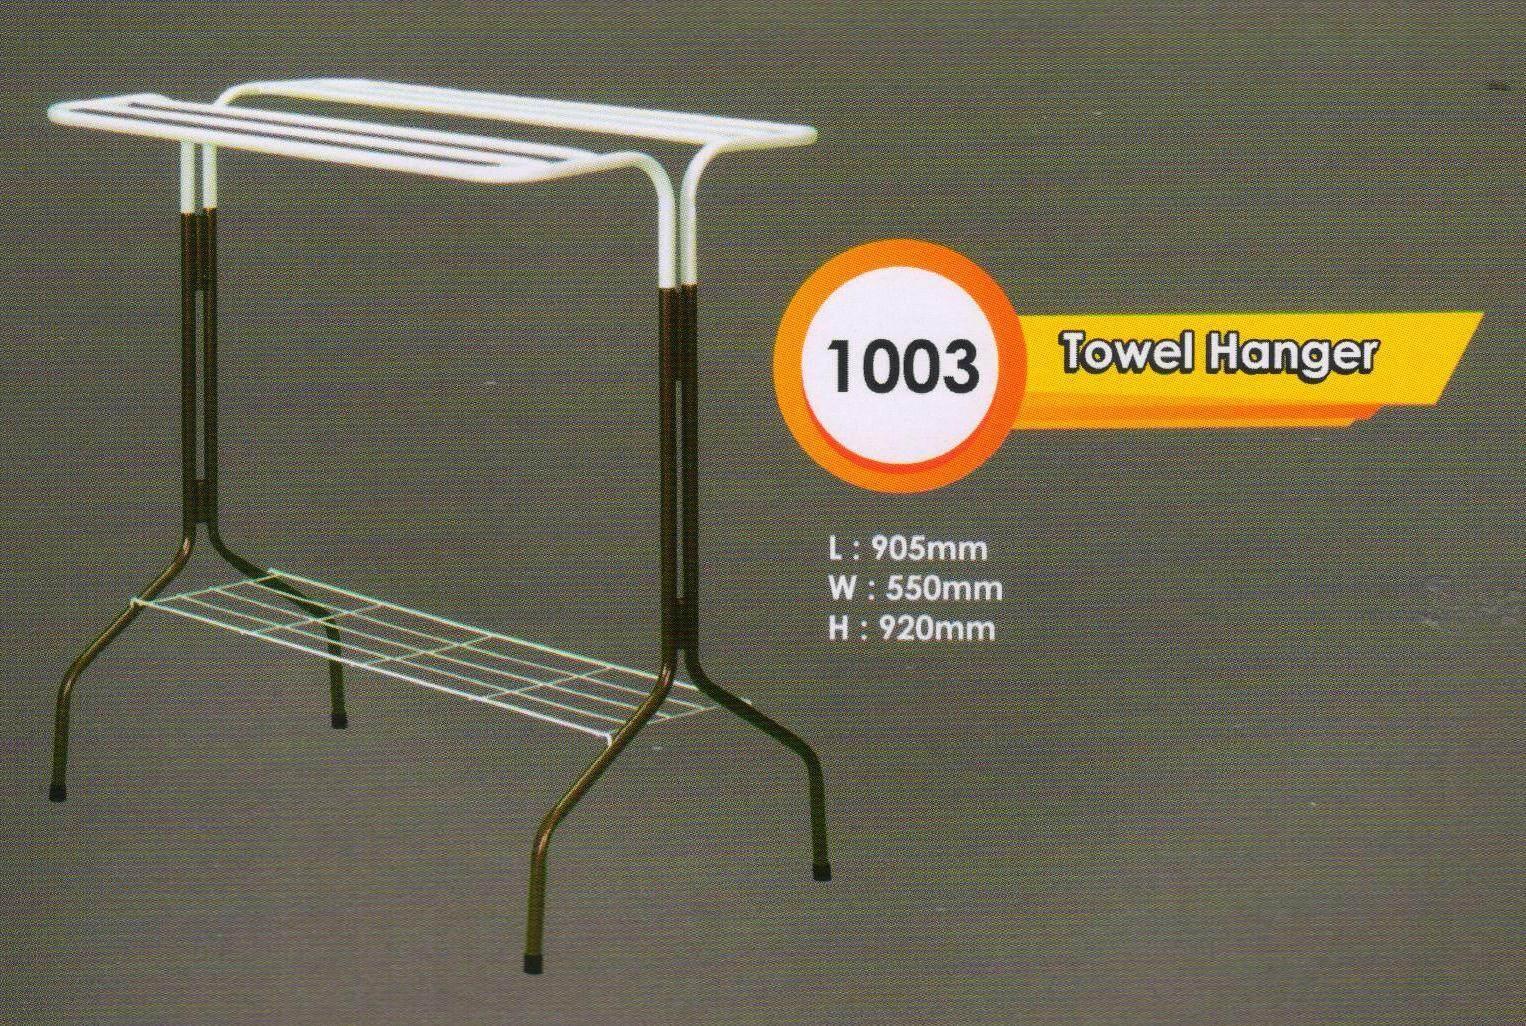 WM  1003 Low Towel Hanger/ Cloth Hanger (Random Color) DIY